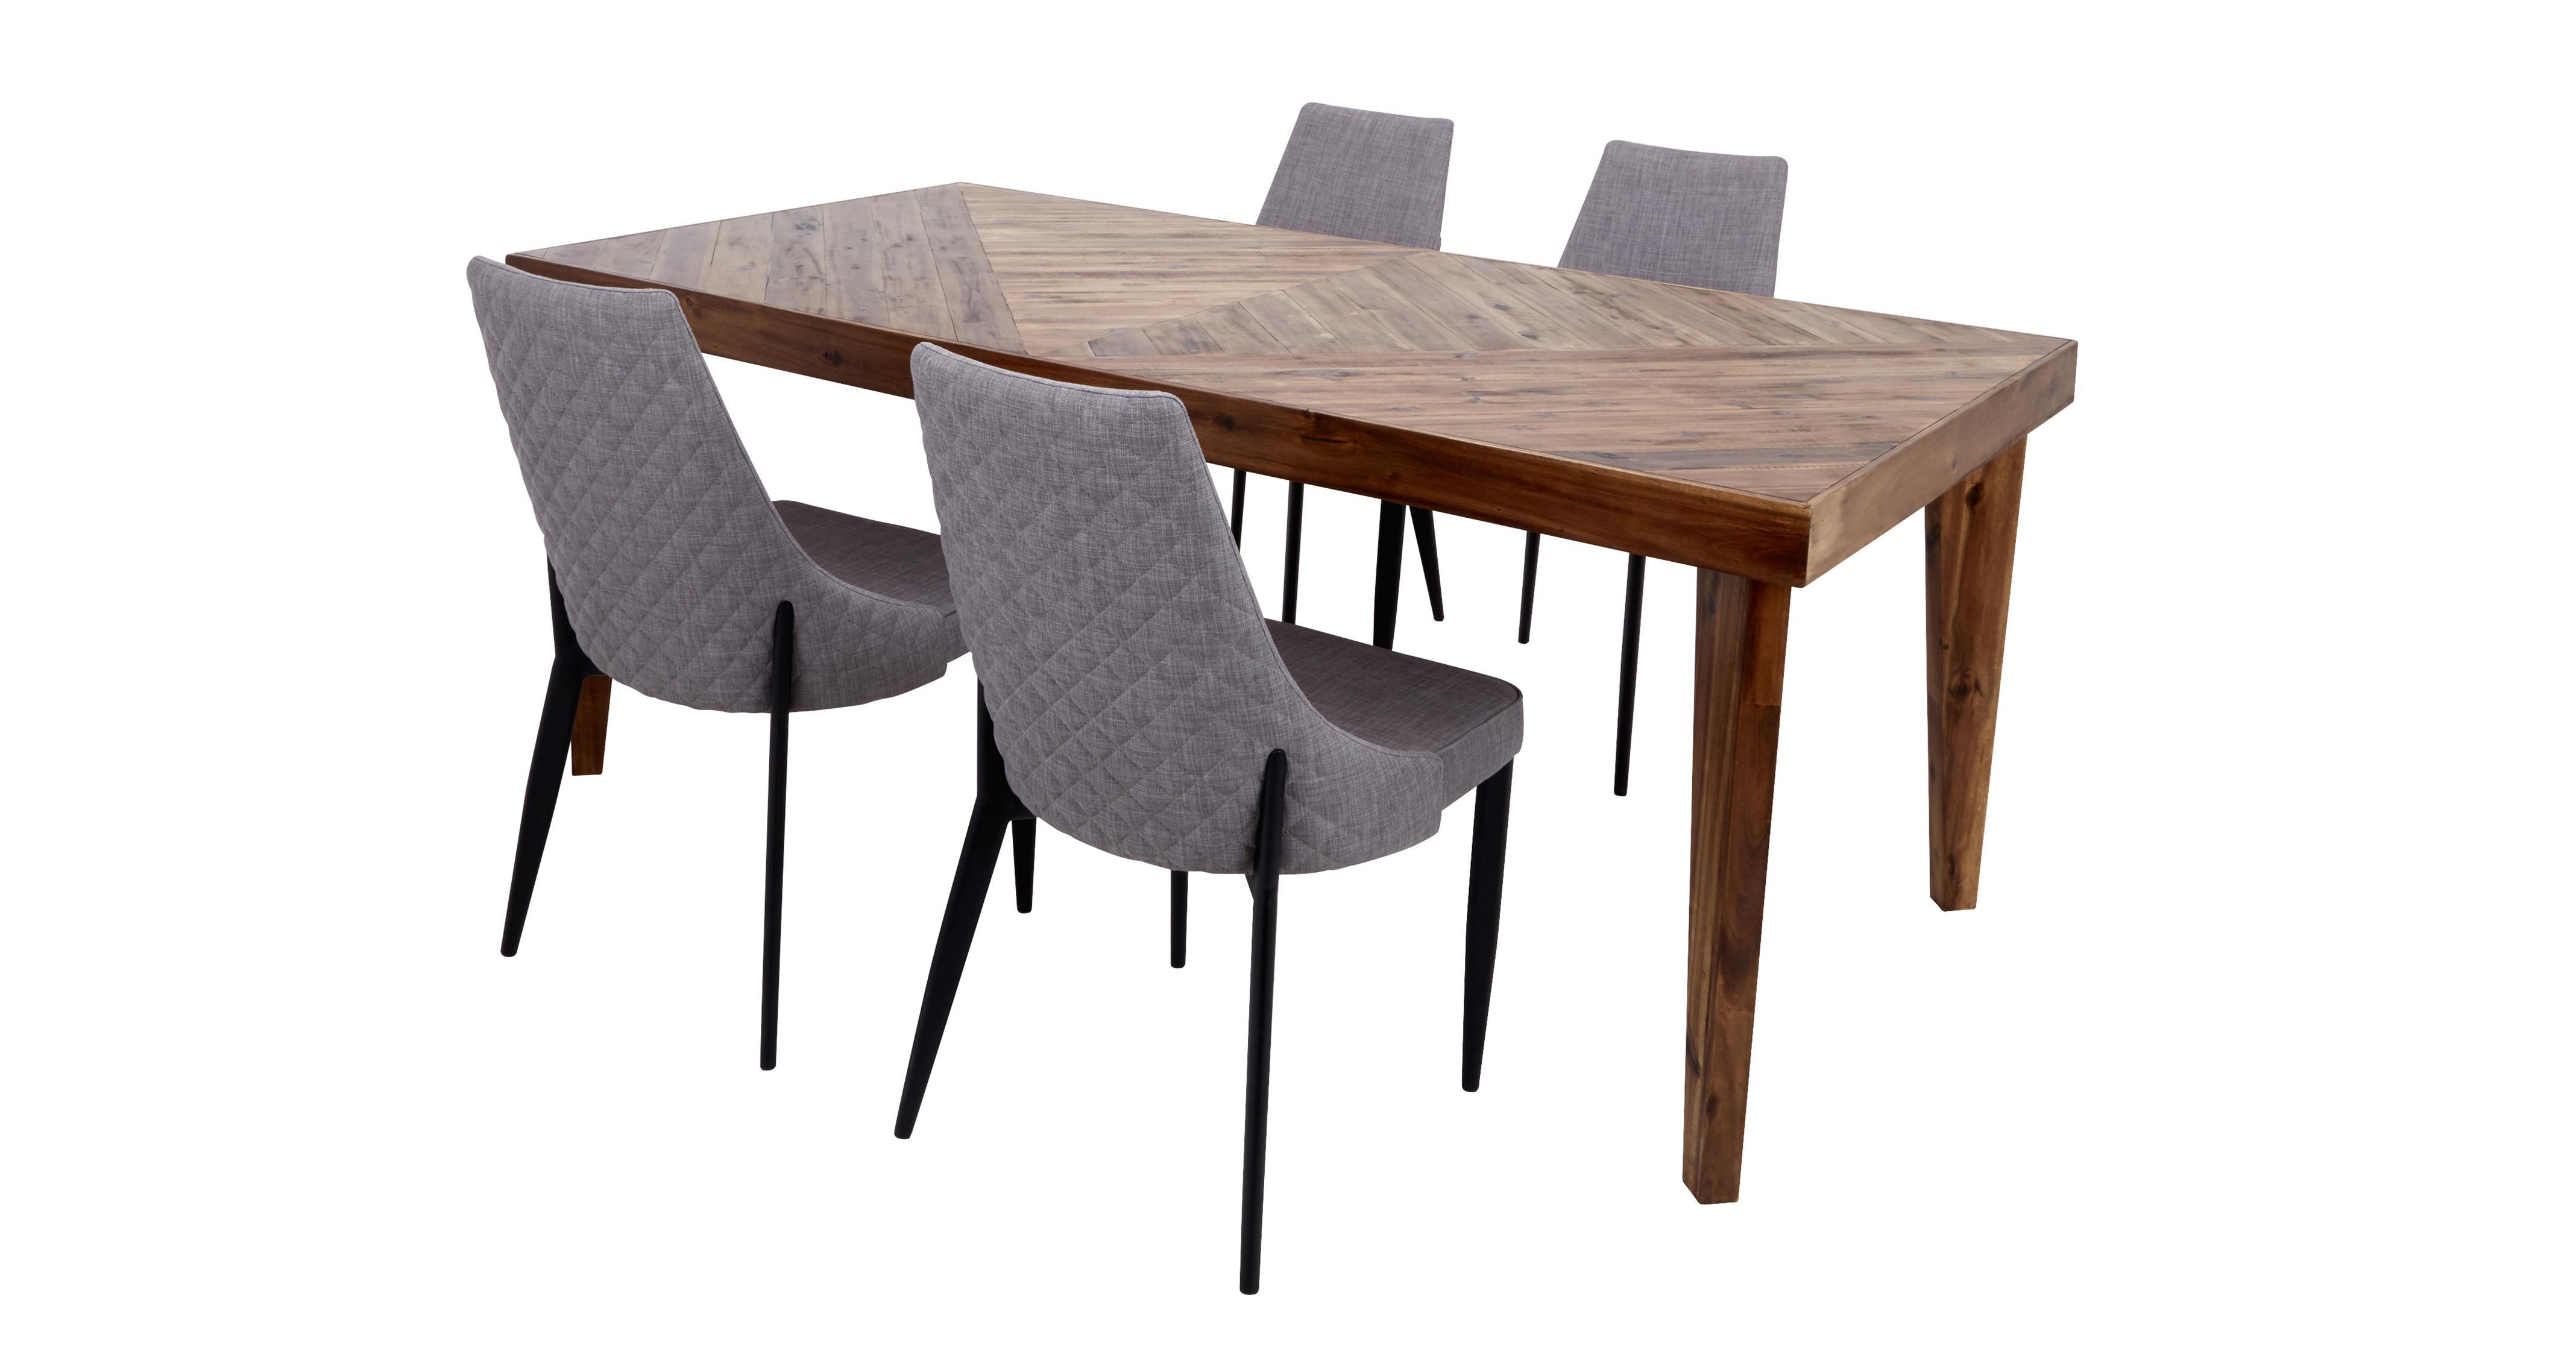 Stoelen eettafel excellent persoons eettafel met stoelen for Eettafel en stoelen